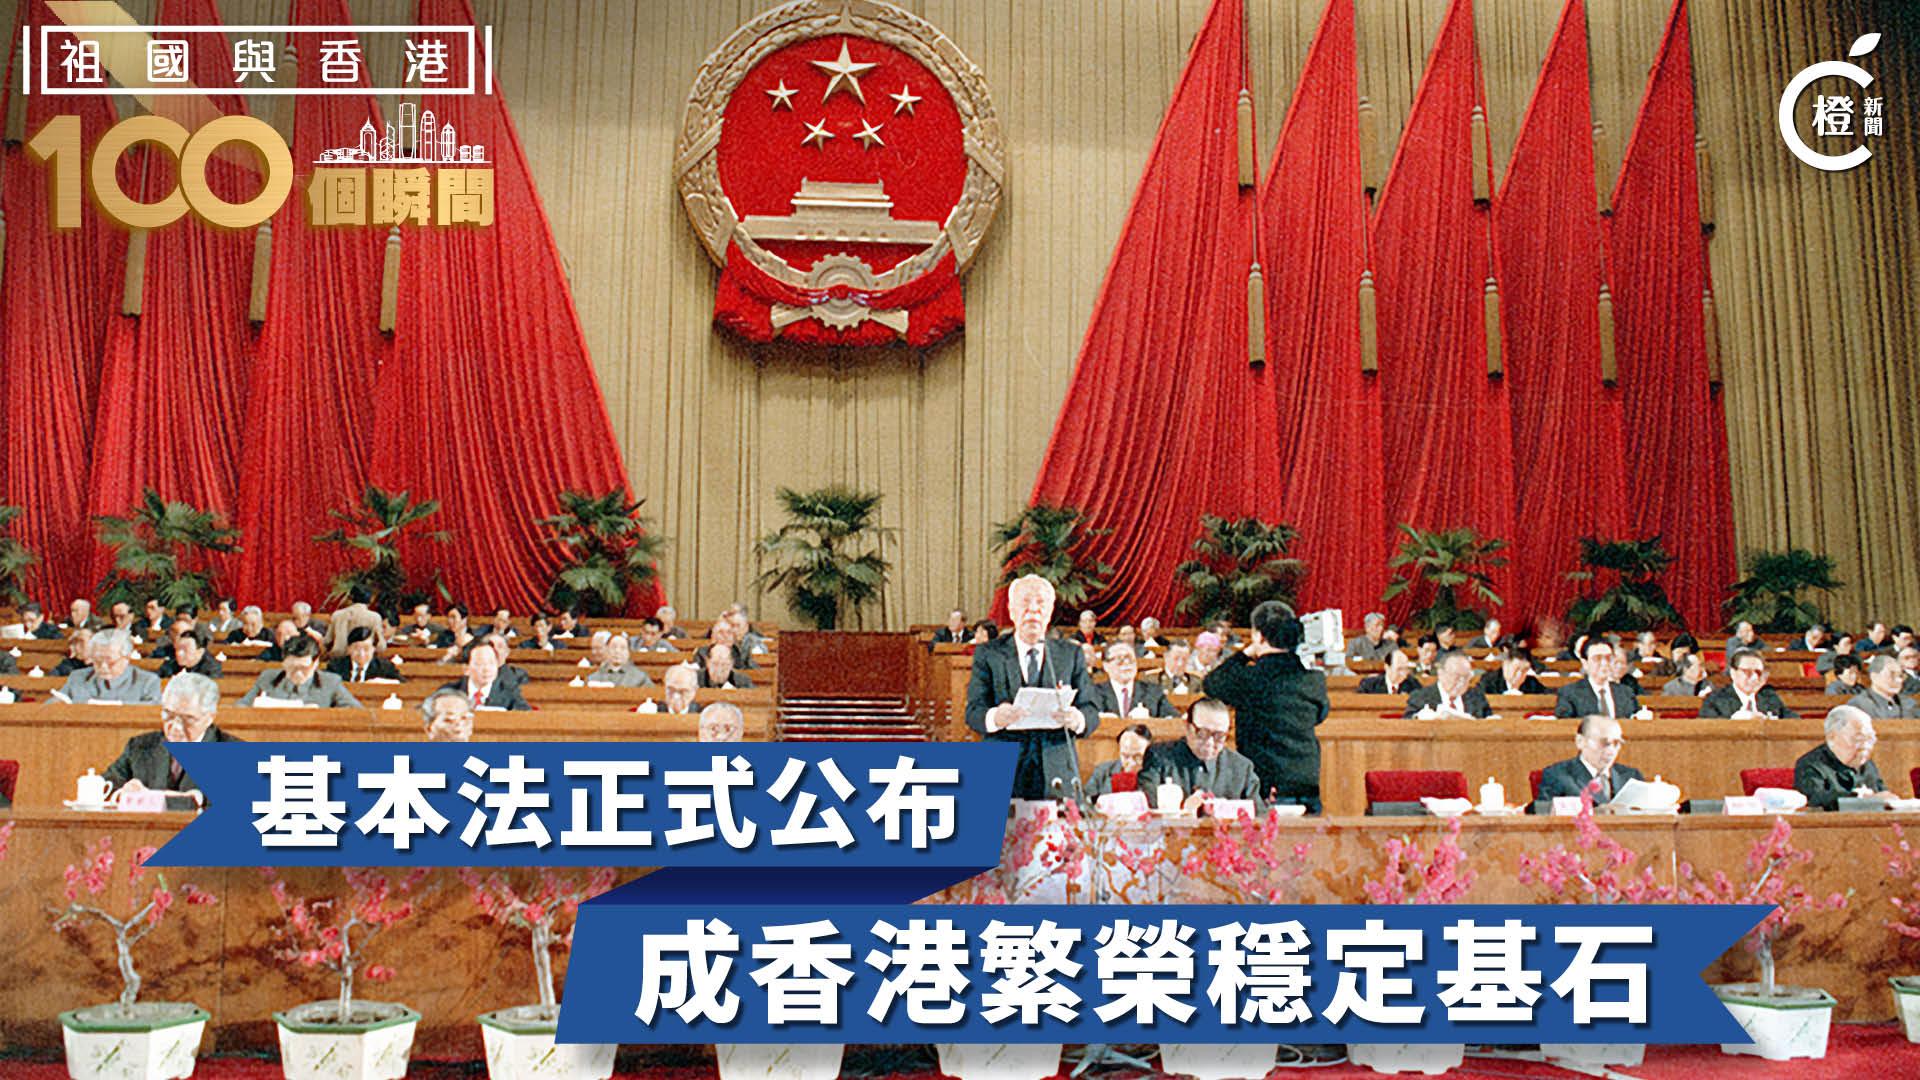 【祖國與香港100個瞬間】基本法正式公布 成香港繁榮穩定基石